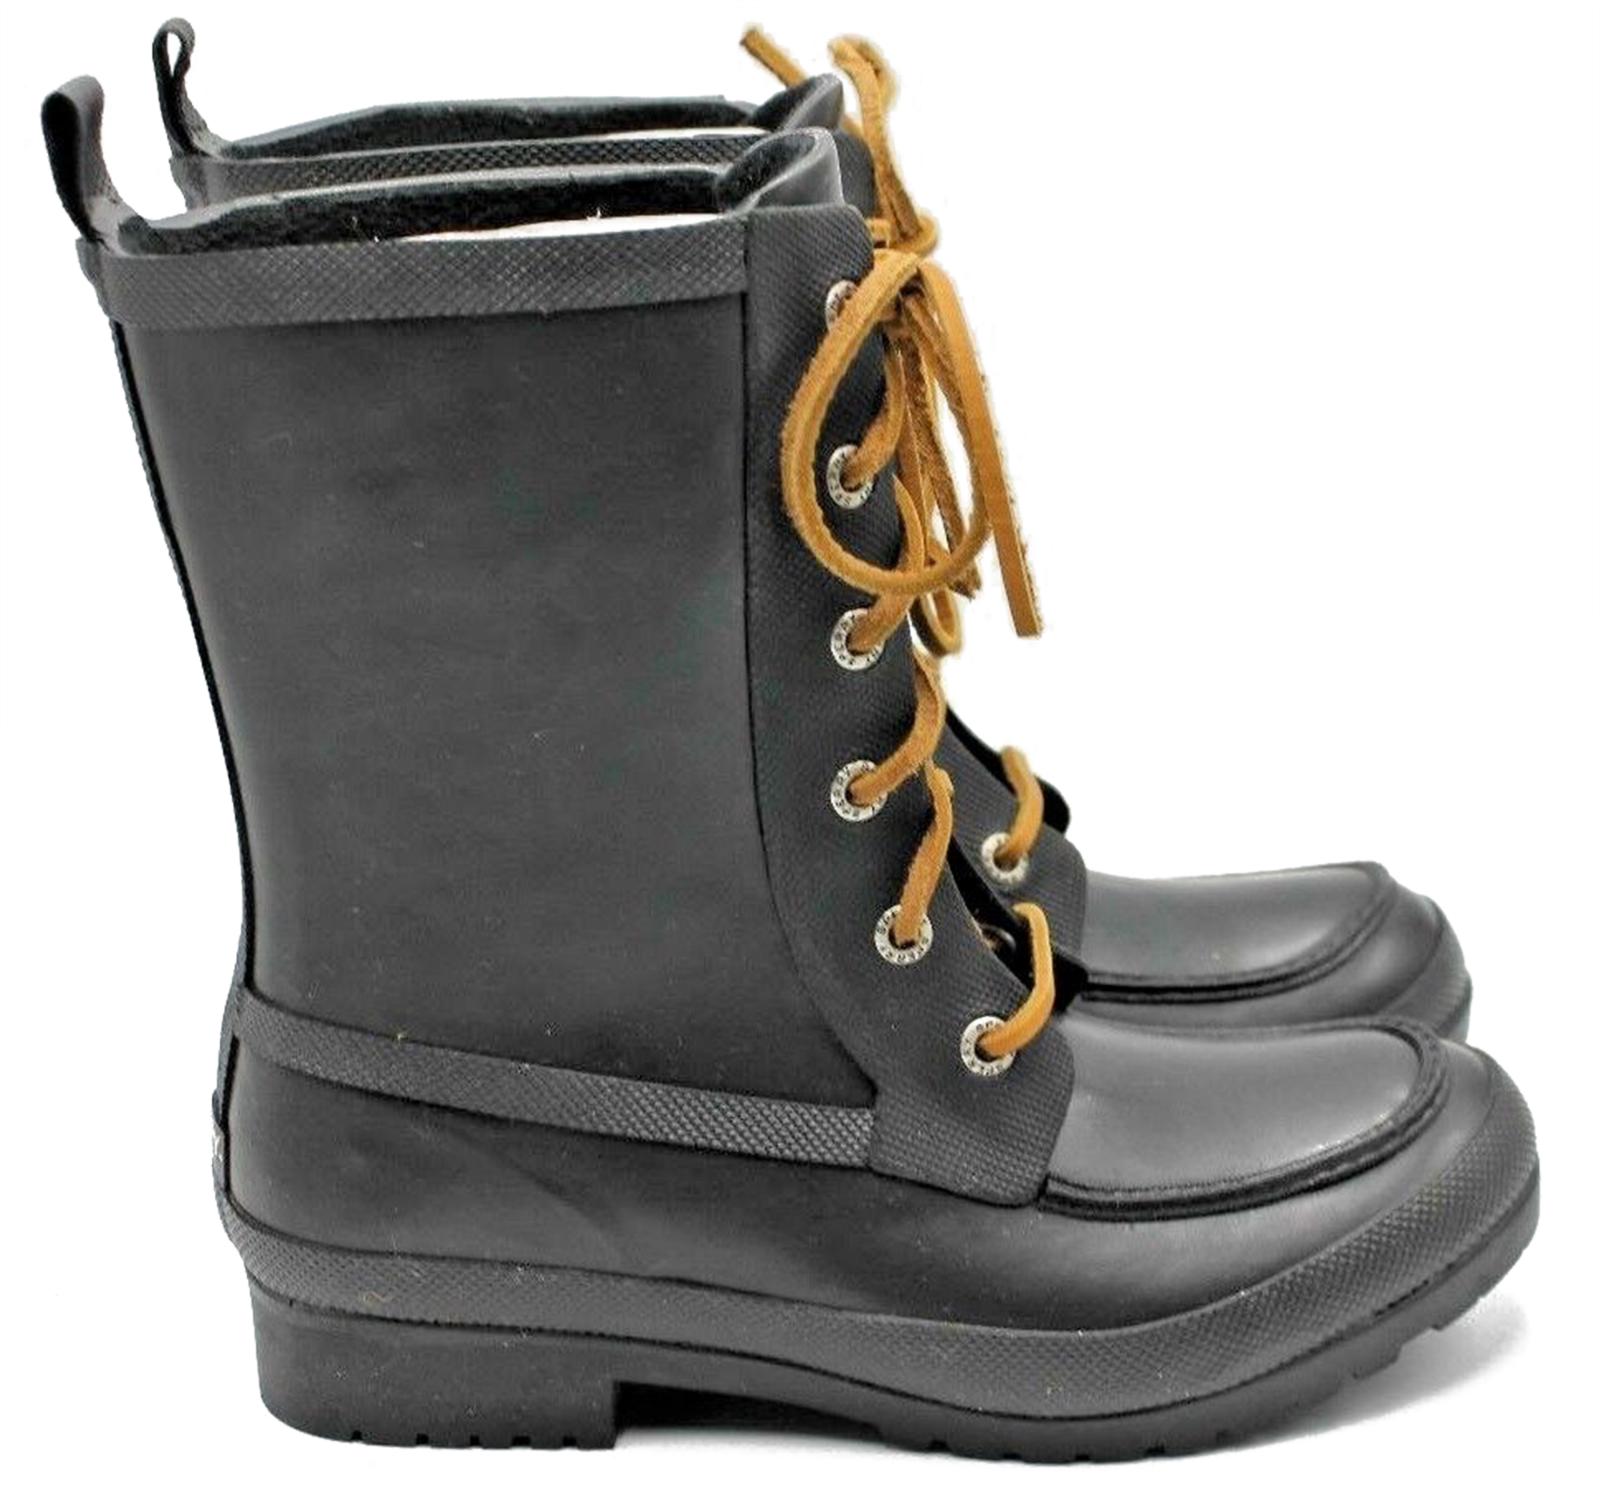 SPERRY Top-Sider Walker Women's Women's Women's Waterproof Rubber Boots Wisp Black Size 7 - NEW 6f0046